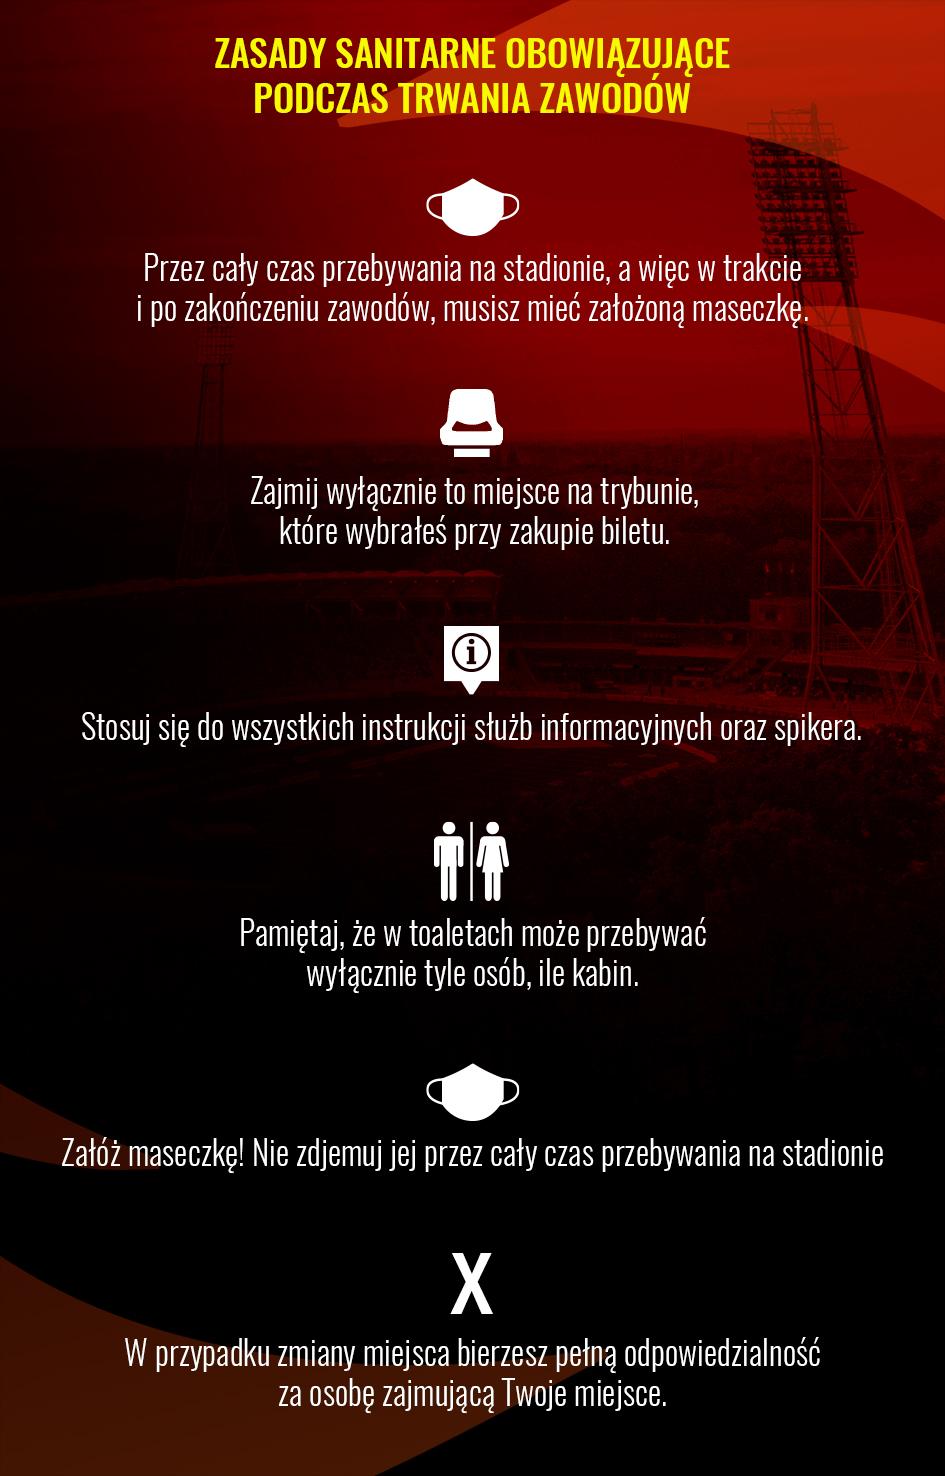 zasady-sanitarne